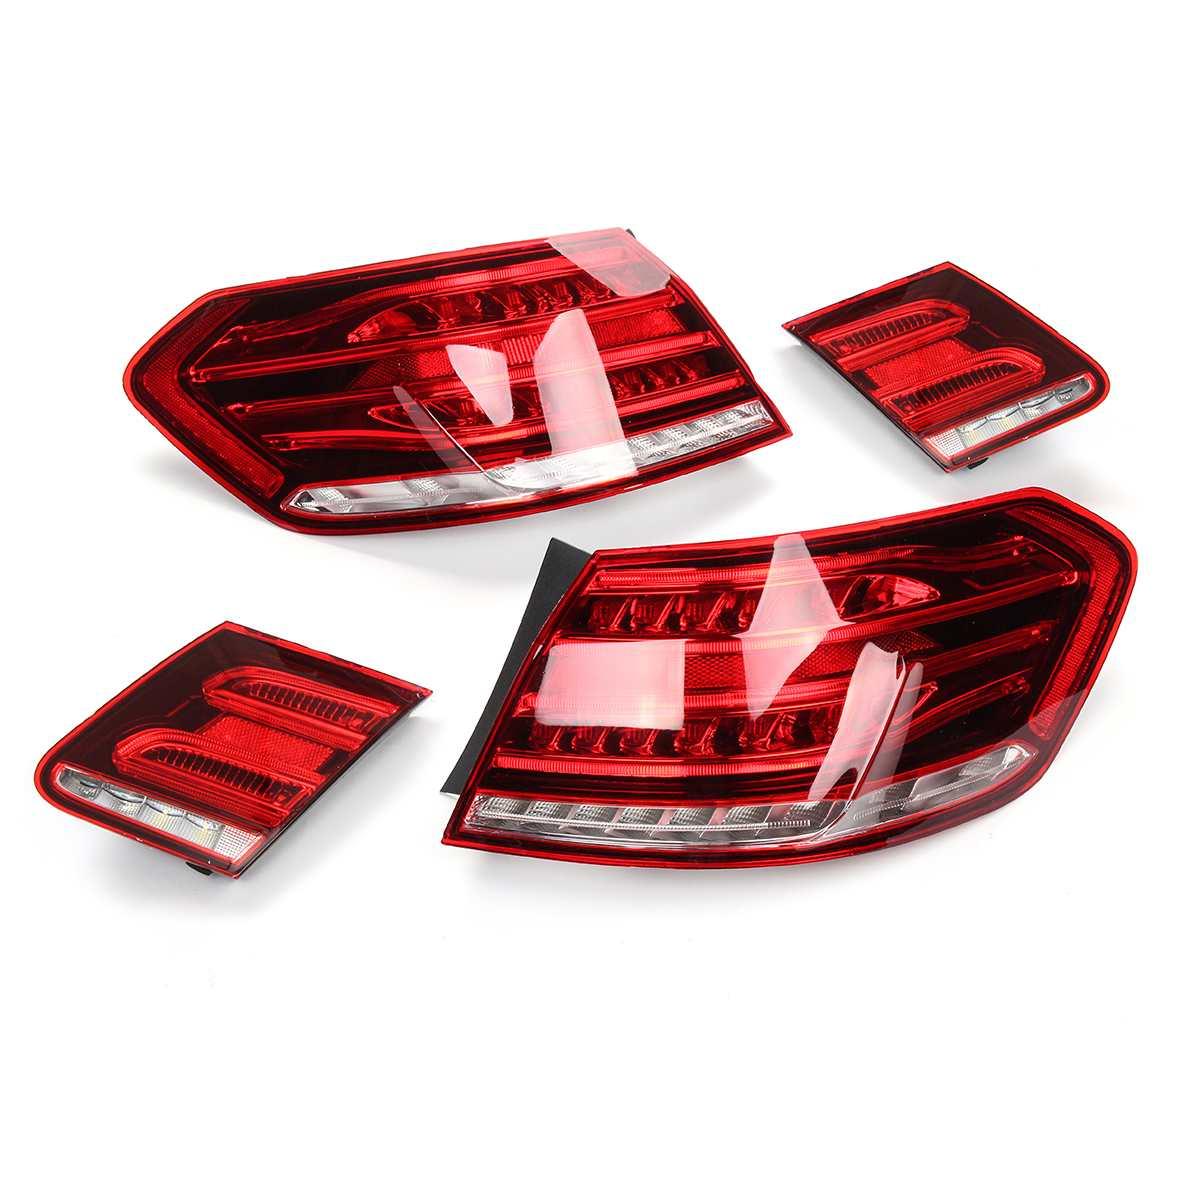 12V LED Tail Lights Brake Stop Reversing Warning Lamp For Mercedes For Benz E Class W212 E350 E300 E250 E63 Sedan Lamp Car Light